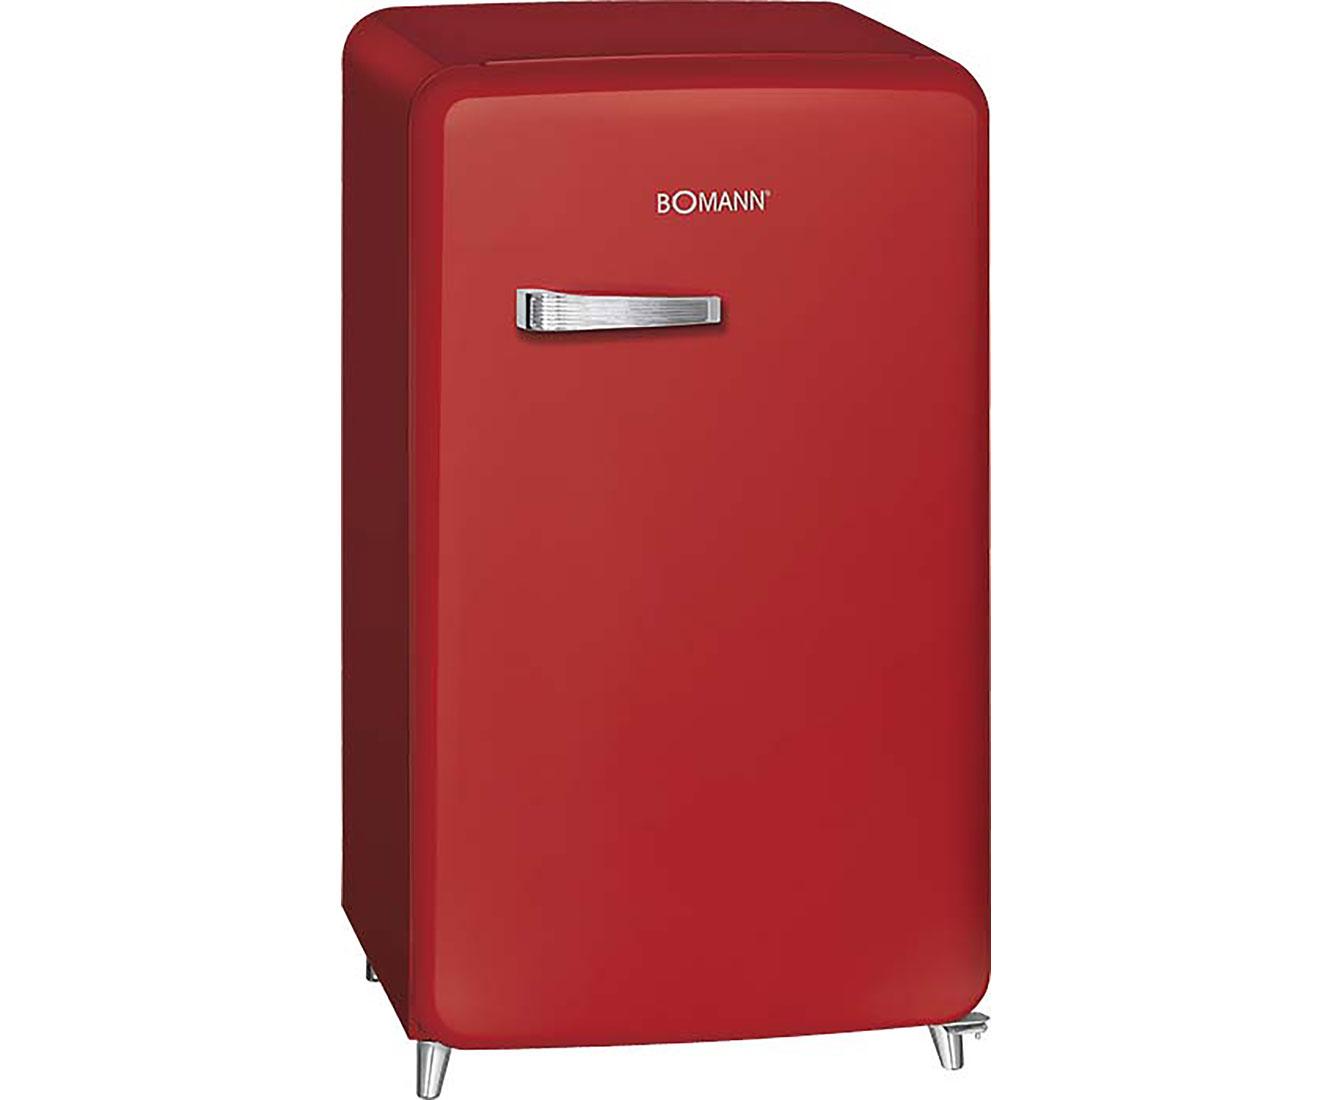 Bomann Kühlschrank Nach Transport : Bomann ksr 350 kühlschrank freistehend 54cm rot neu ebay